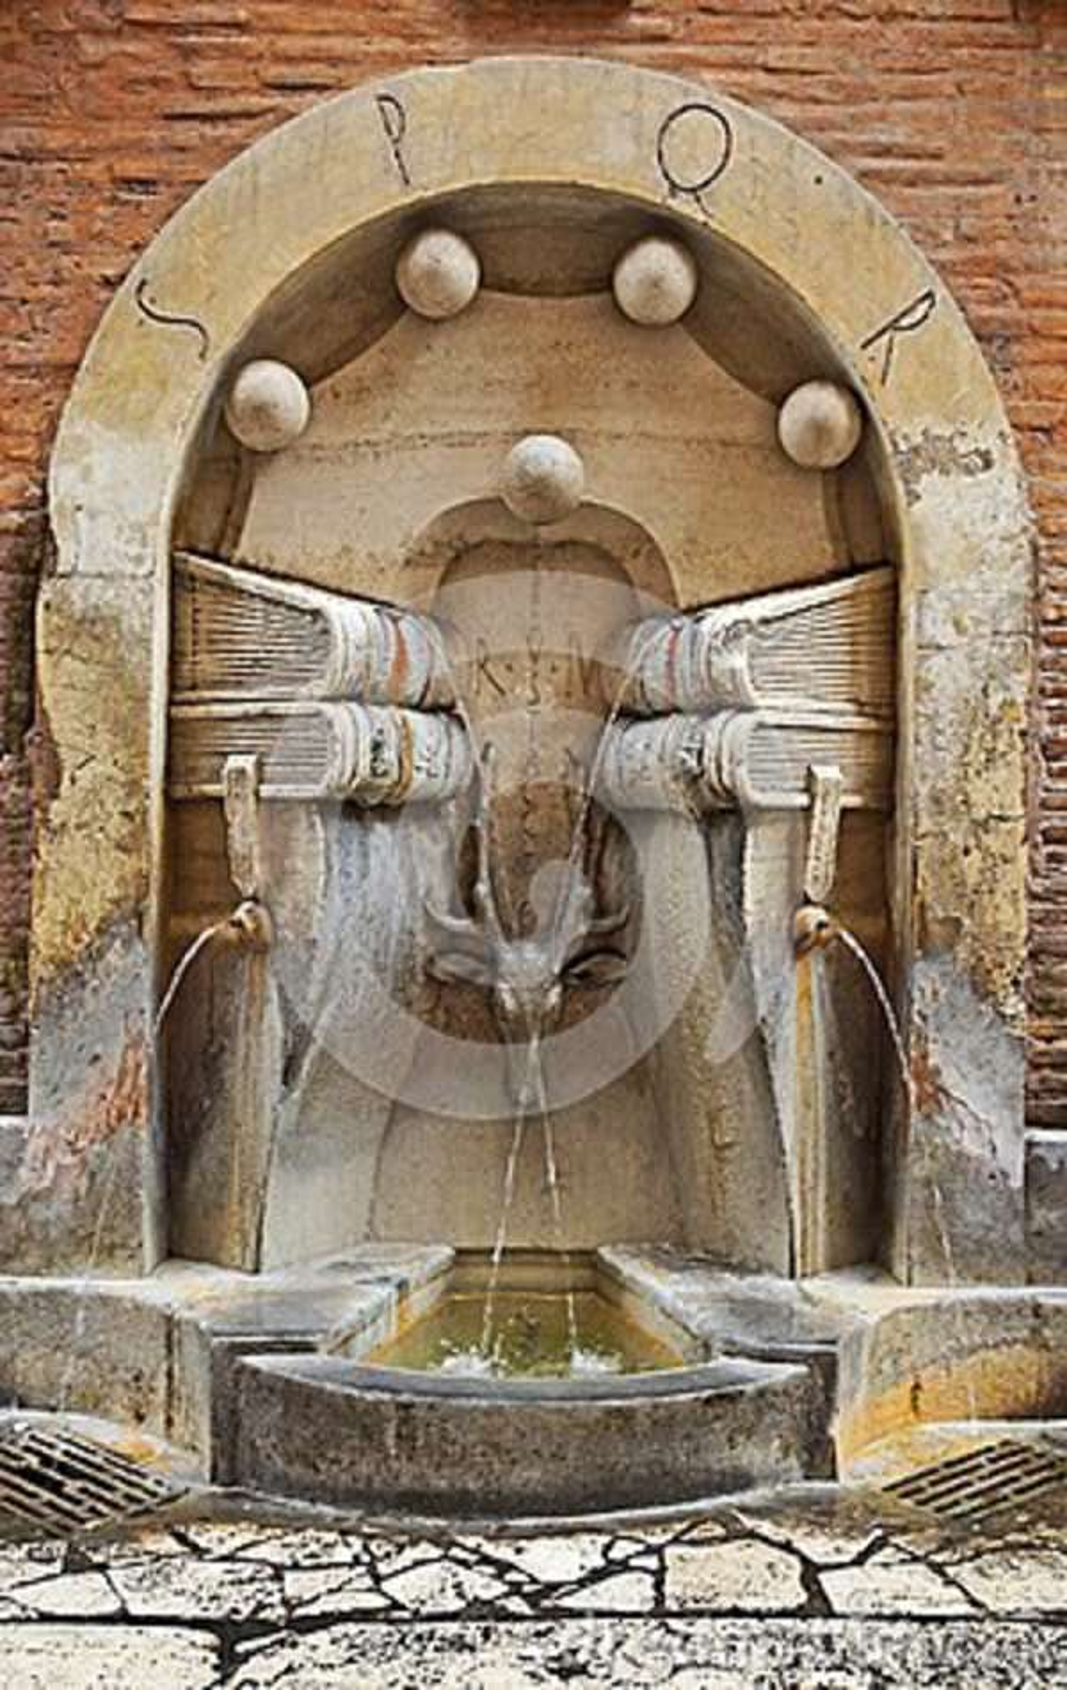 Dricka springbrunnen på gatorna av Rome, Italien